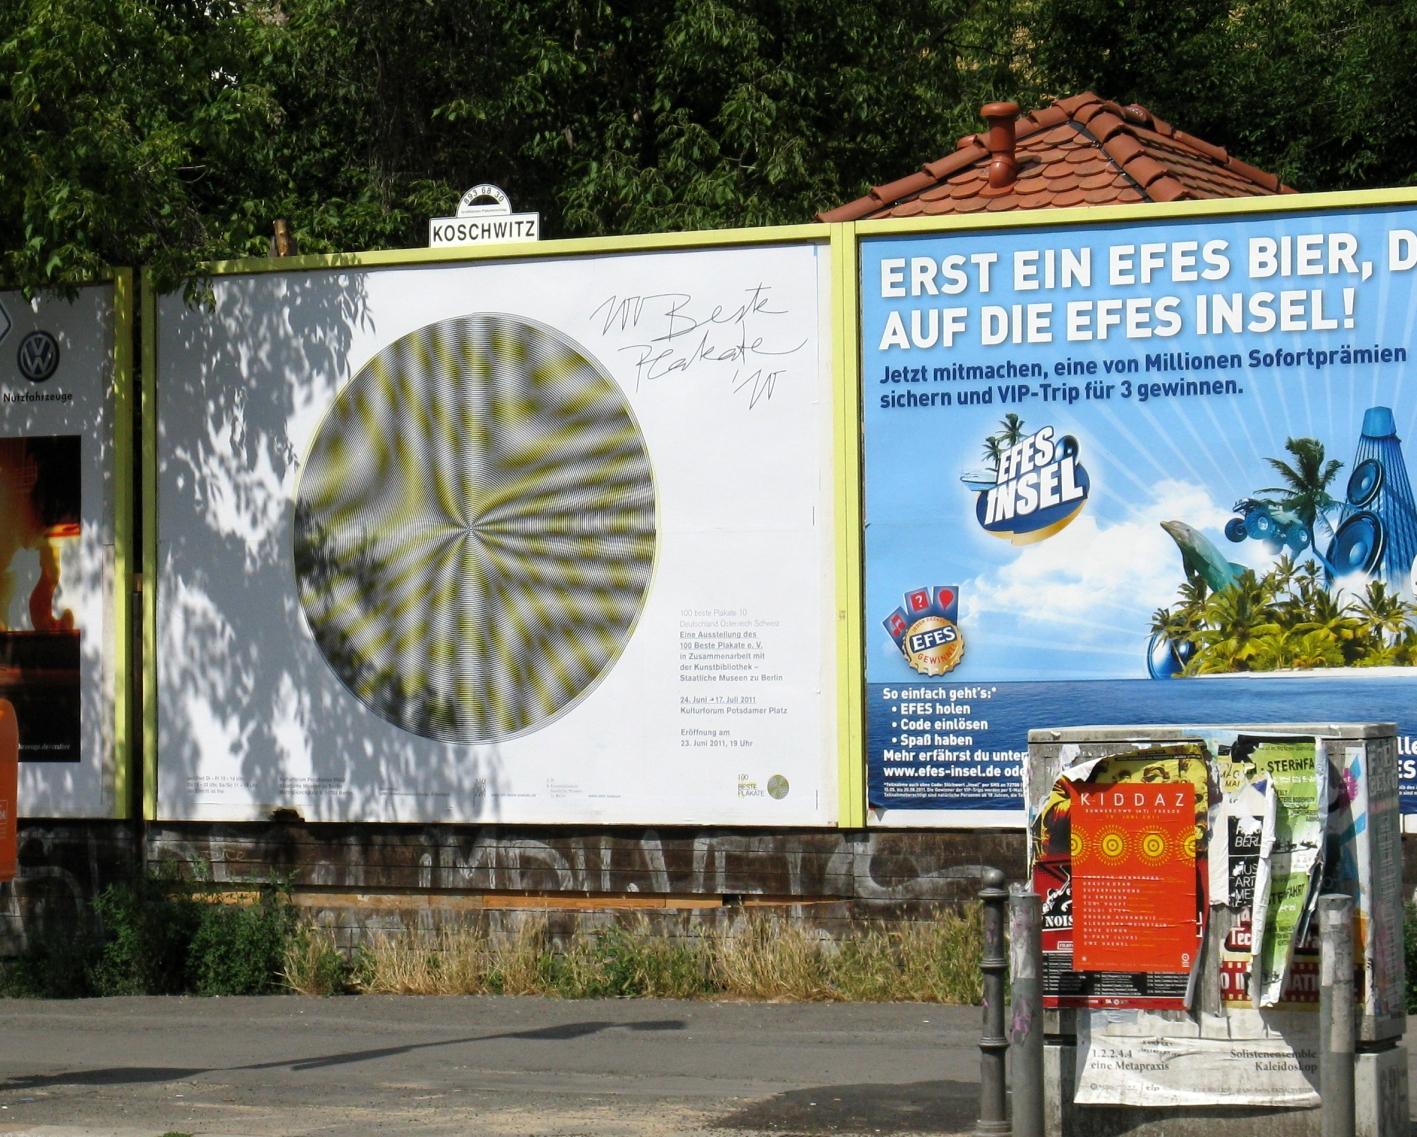 100bp10_berlin_10179-Koepenicker-Strasze-Ecke-Ohmstrasze_b_hb